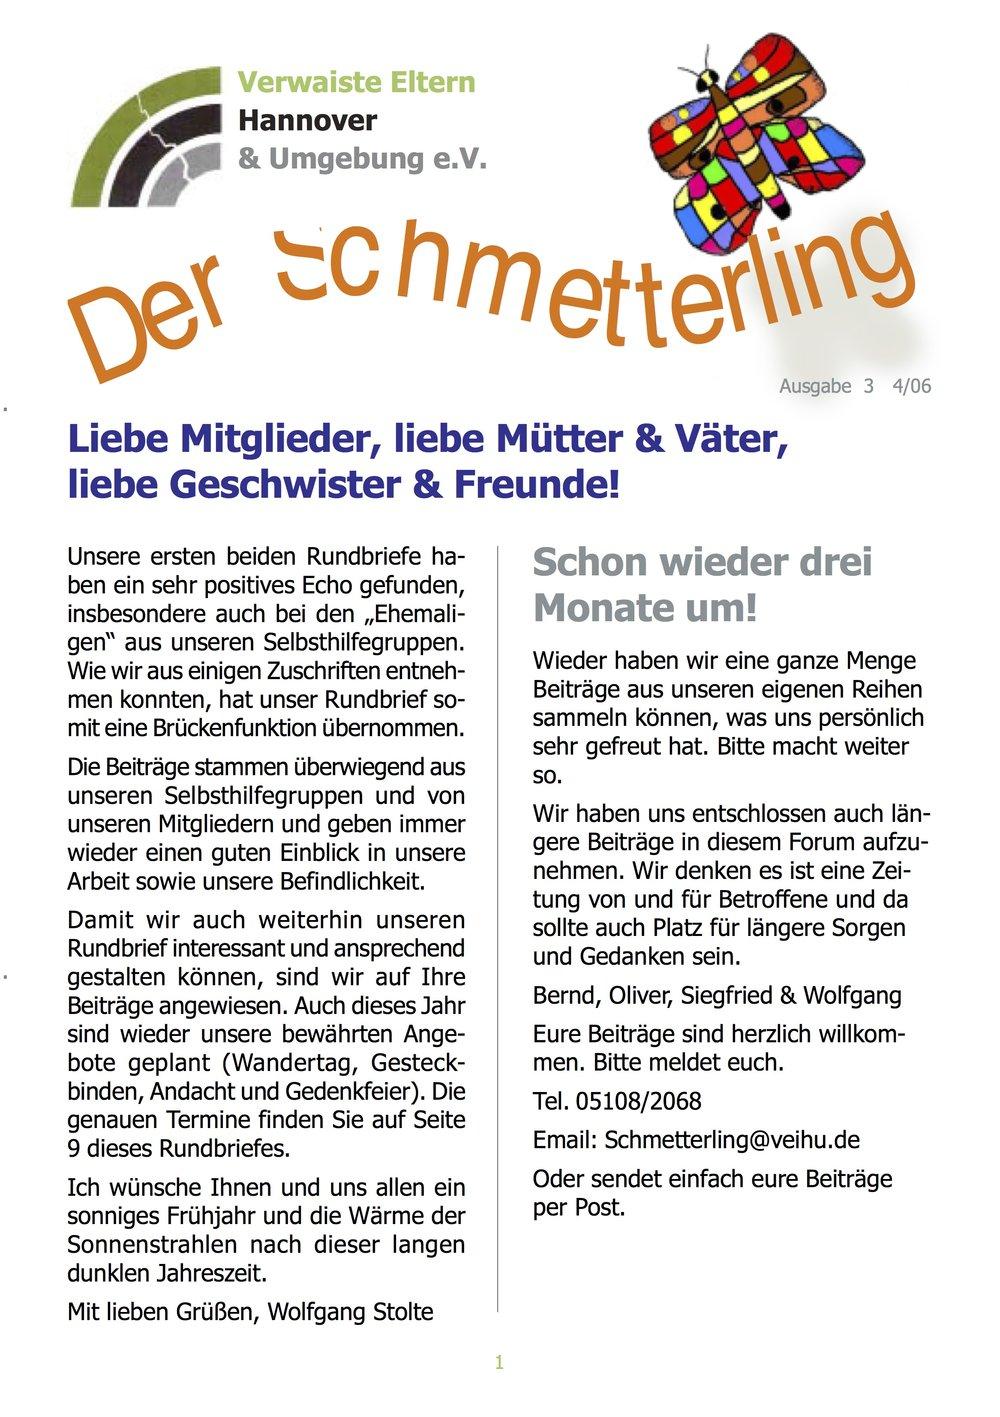 Schmetterling03-04_06.jpg